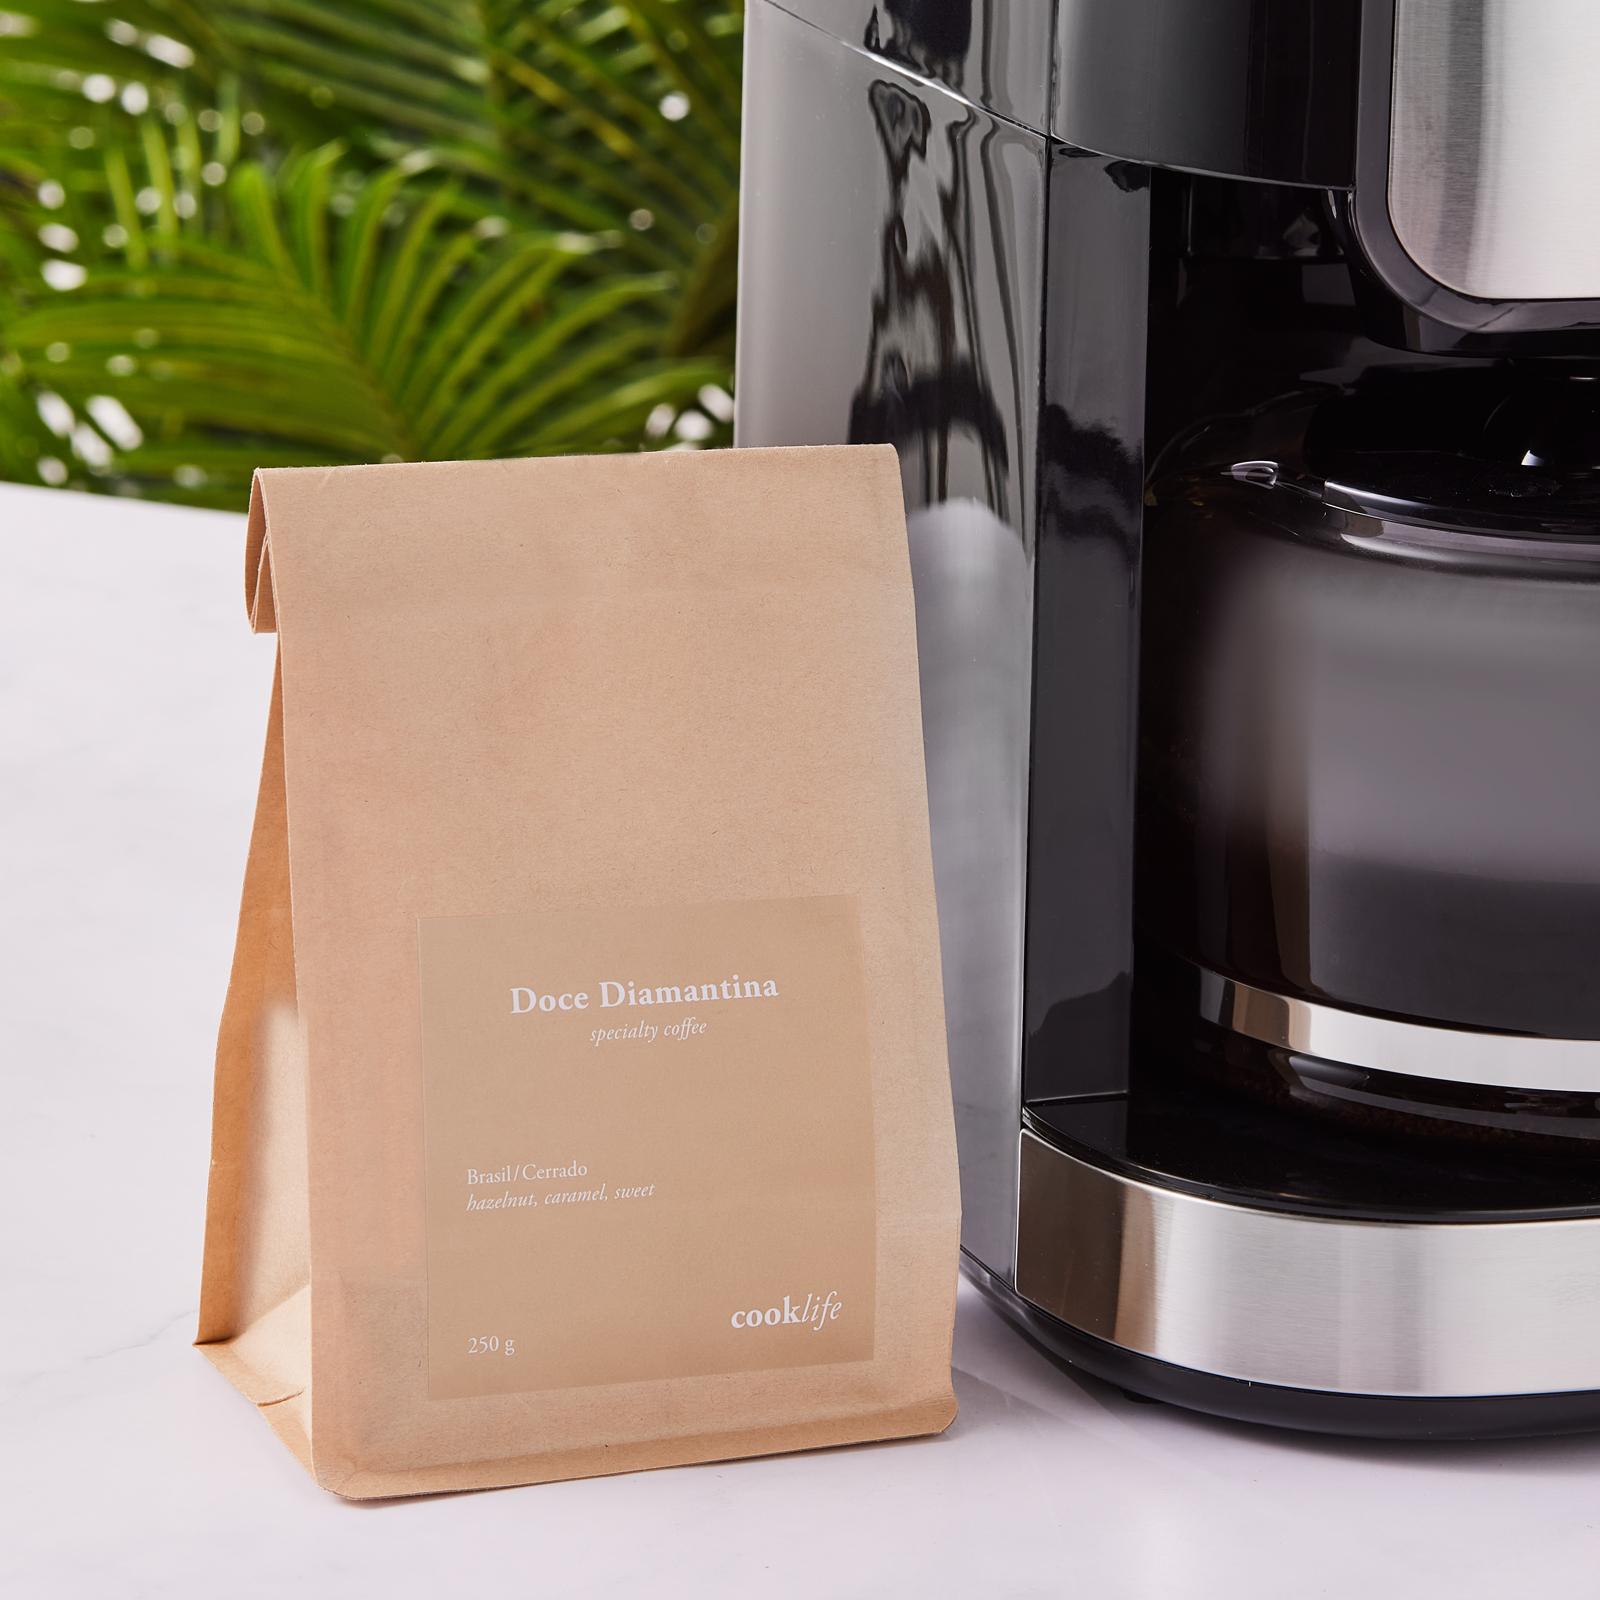 Cooklife Doce Diamantina Filtre Kahve 250 Gr